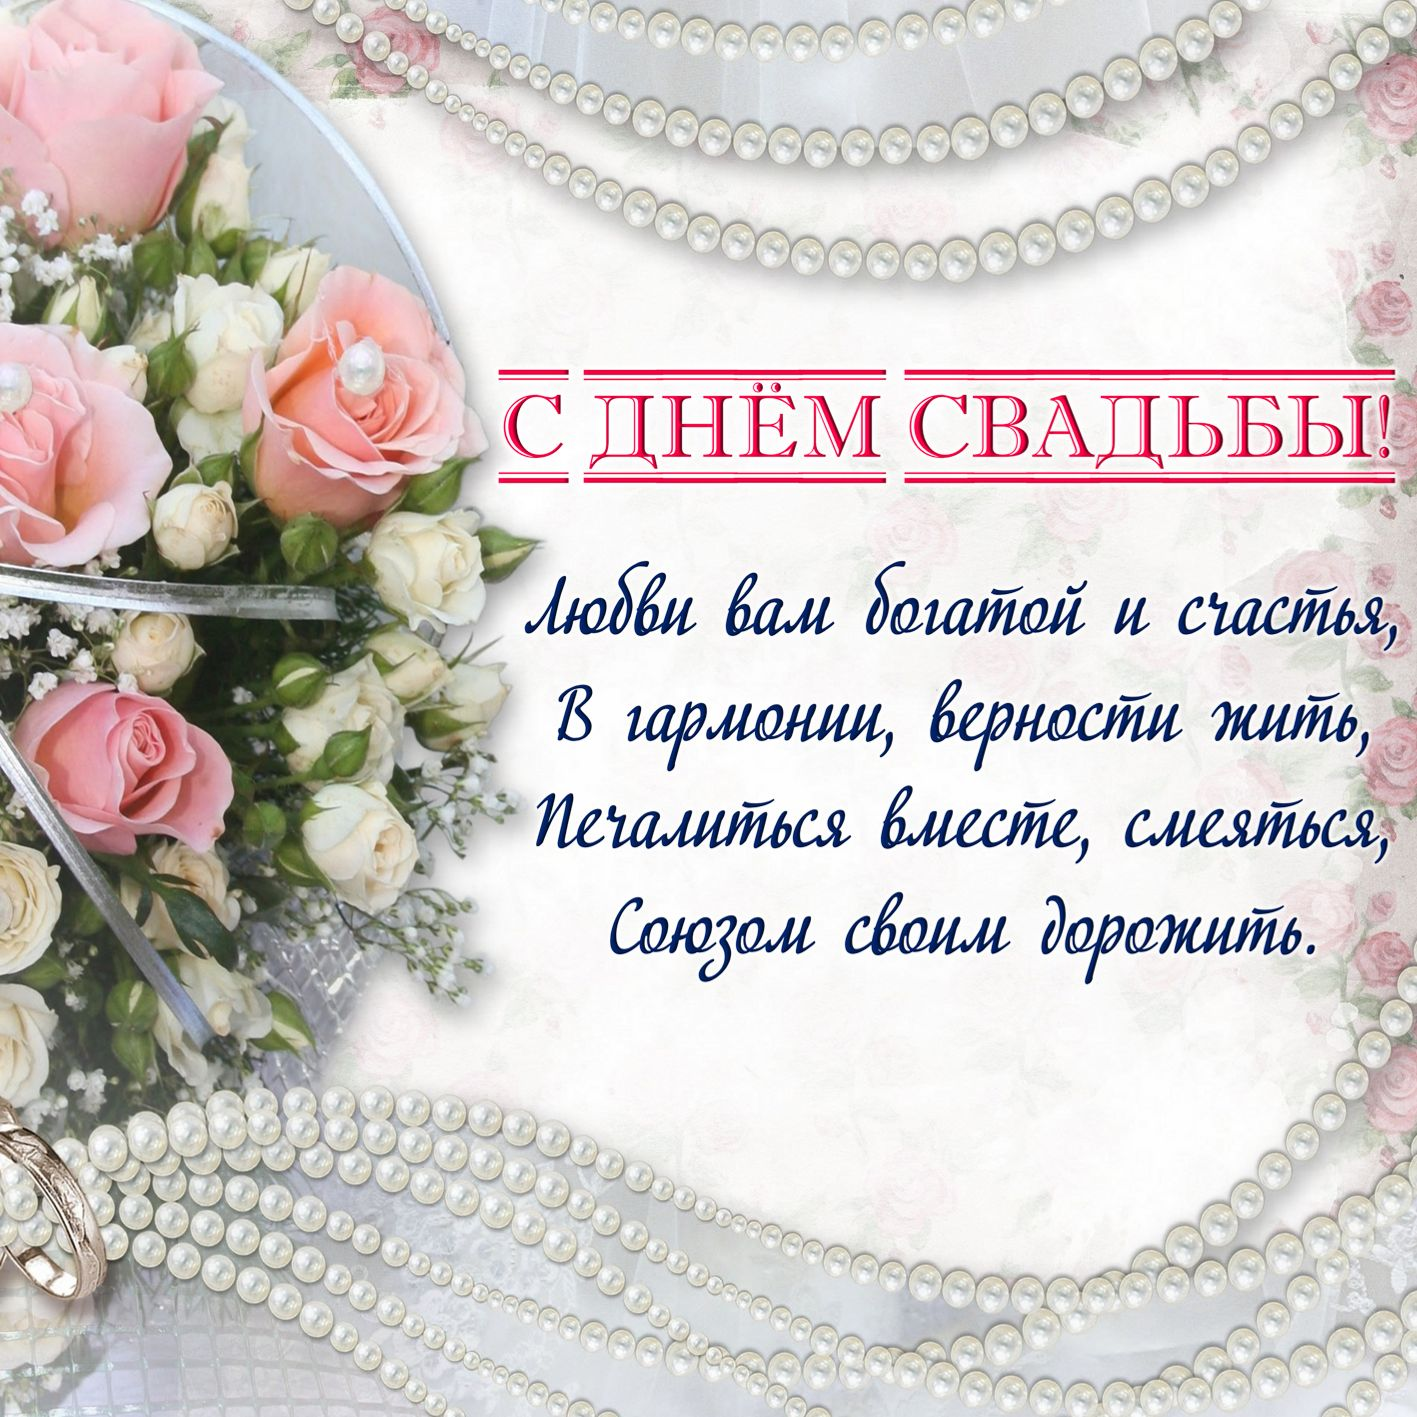 Днем, открытка с поздравлениями к свадьбе